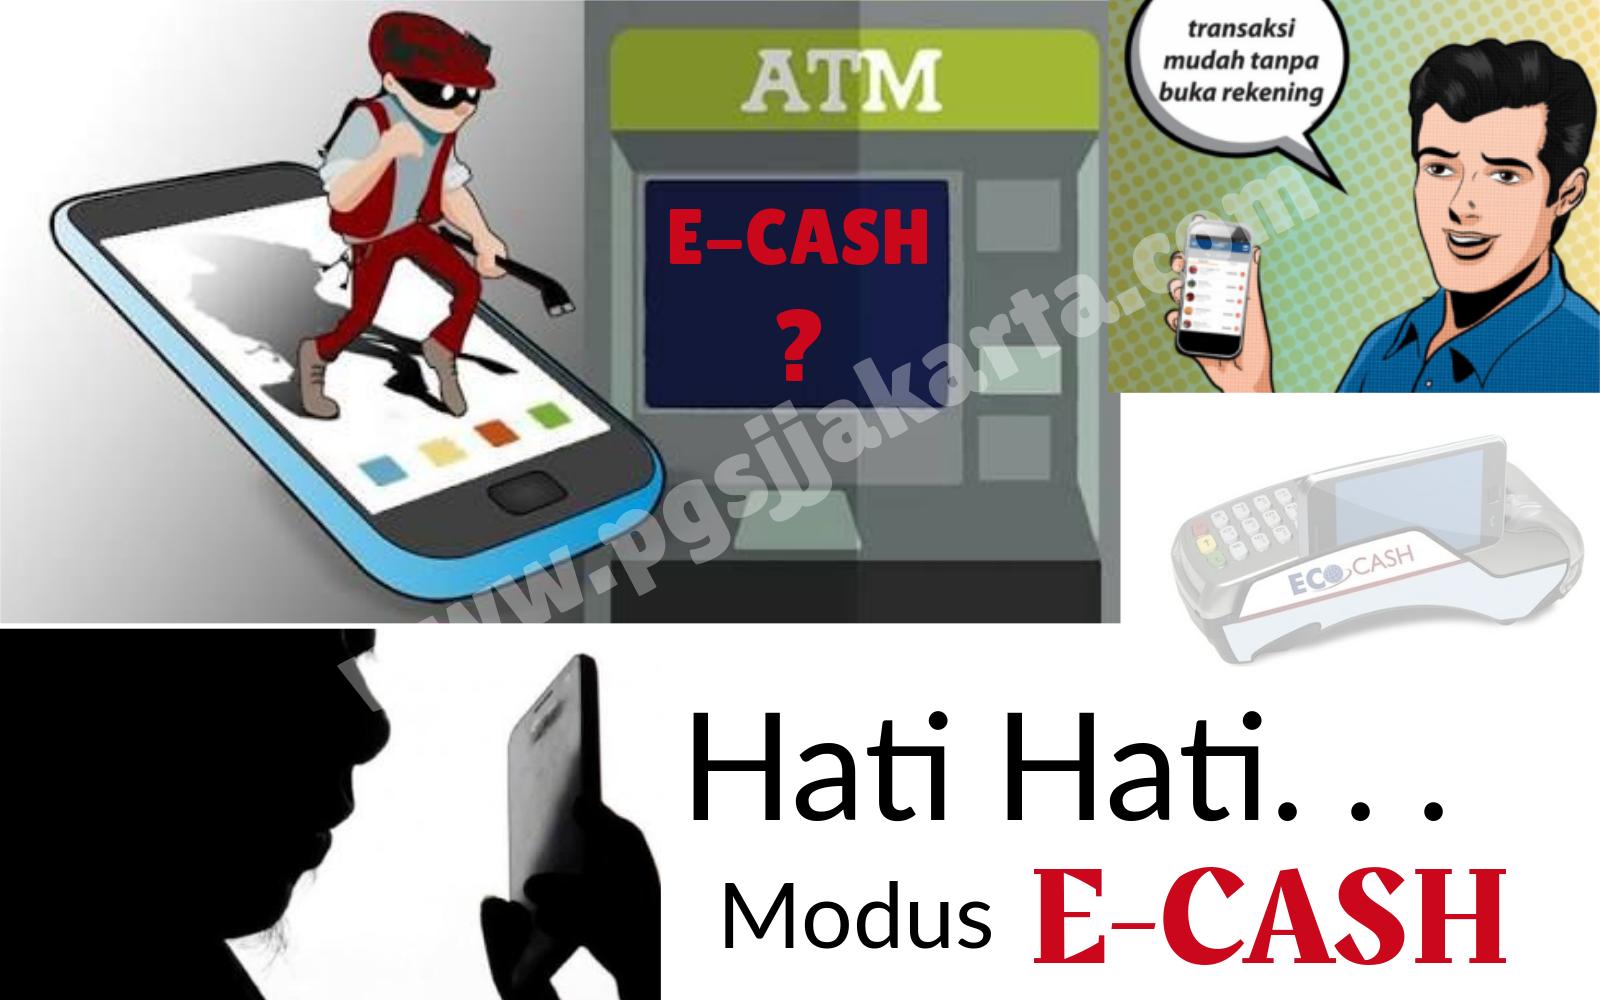 Hati Hati Modus Penipuan Pembayaran E Cash Pgsj Online